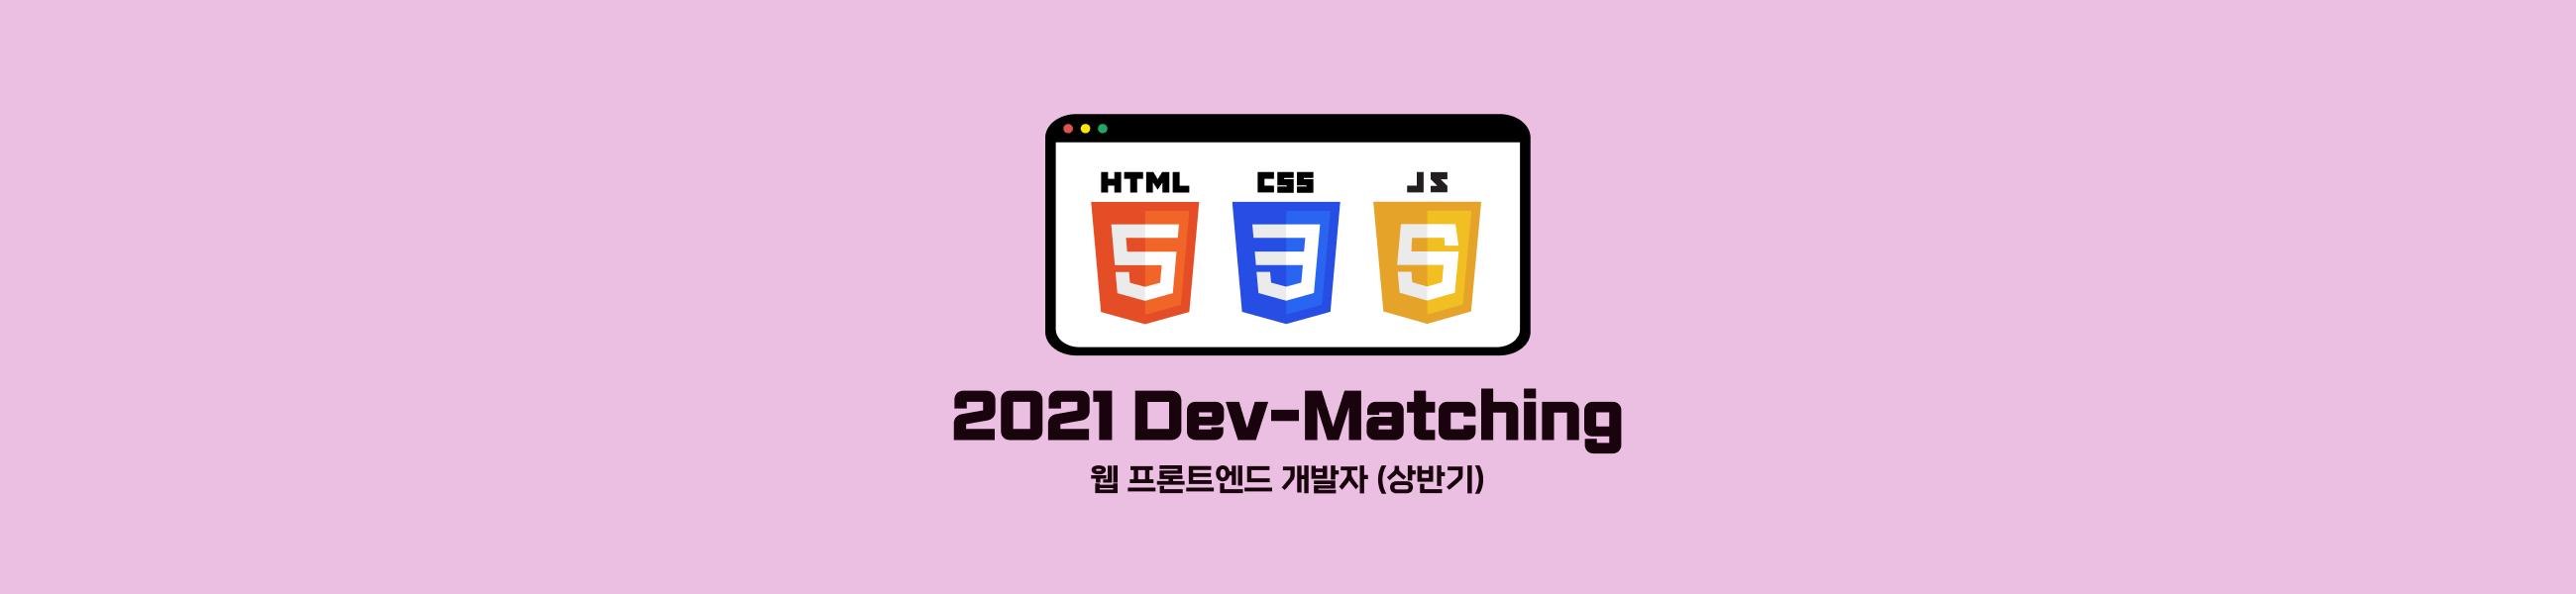 2021 Dev-Matching: 웹 프론트엔드 개발자(상반기)의 이미지